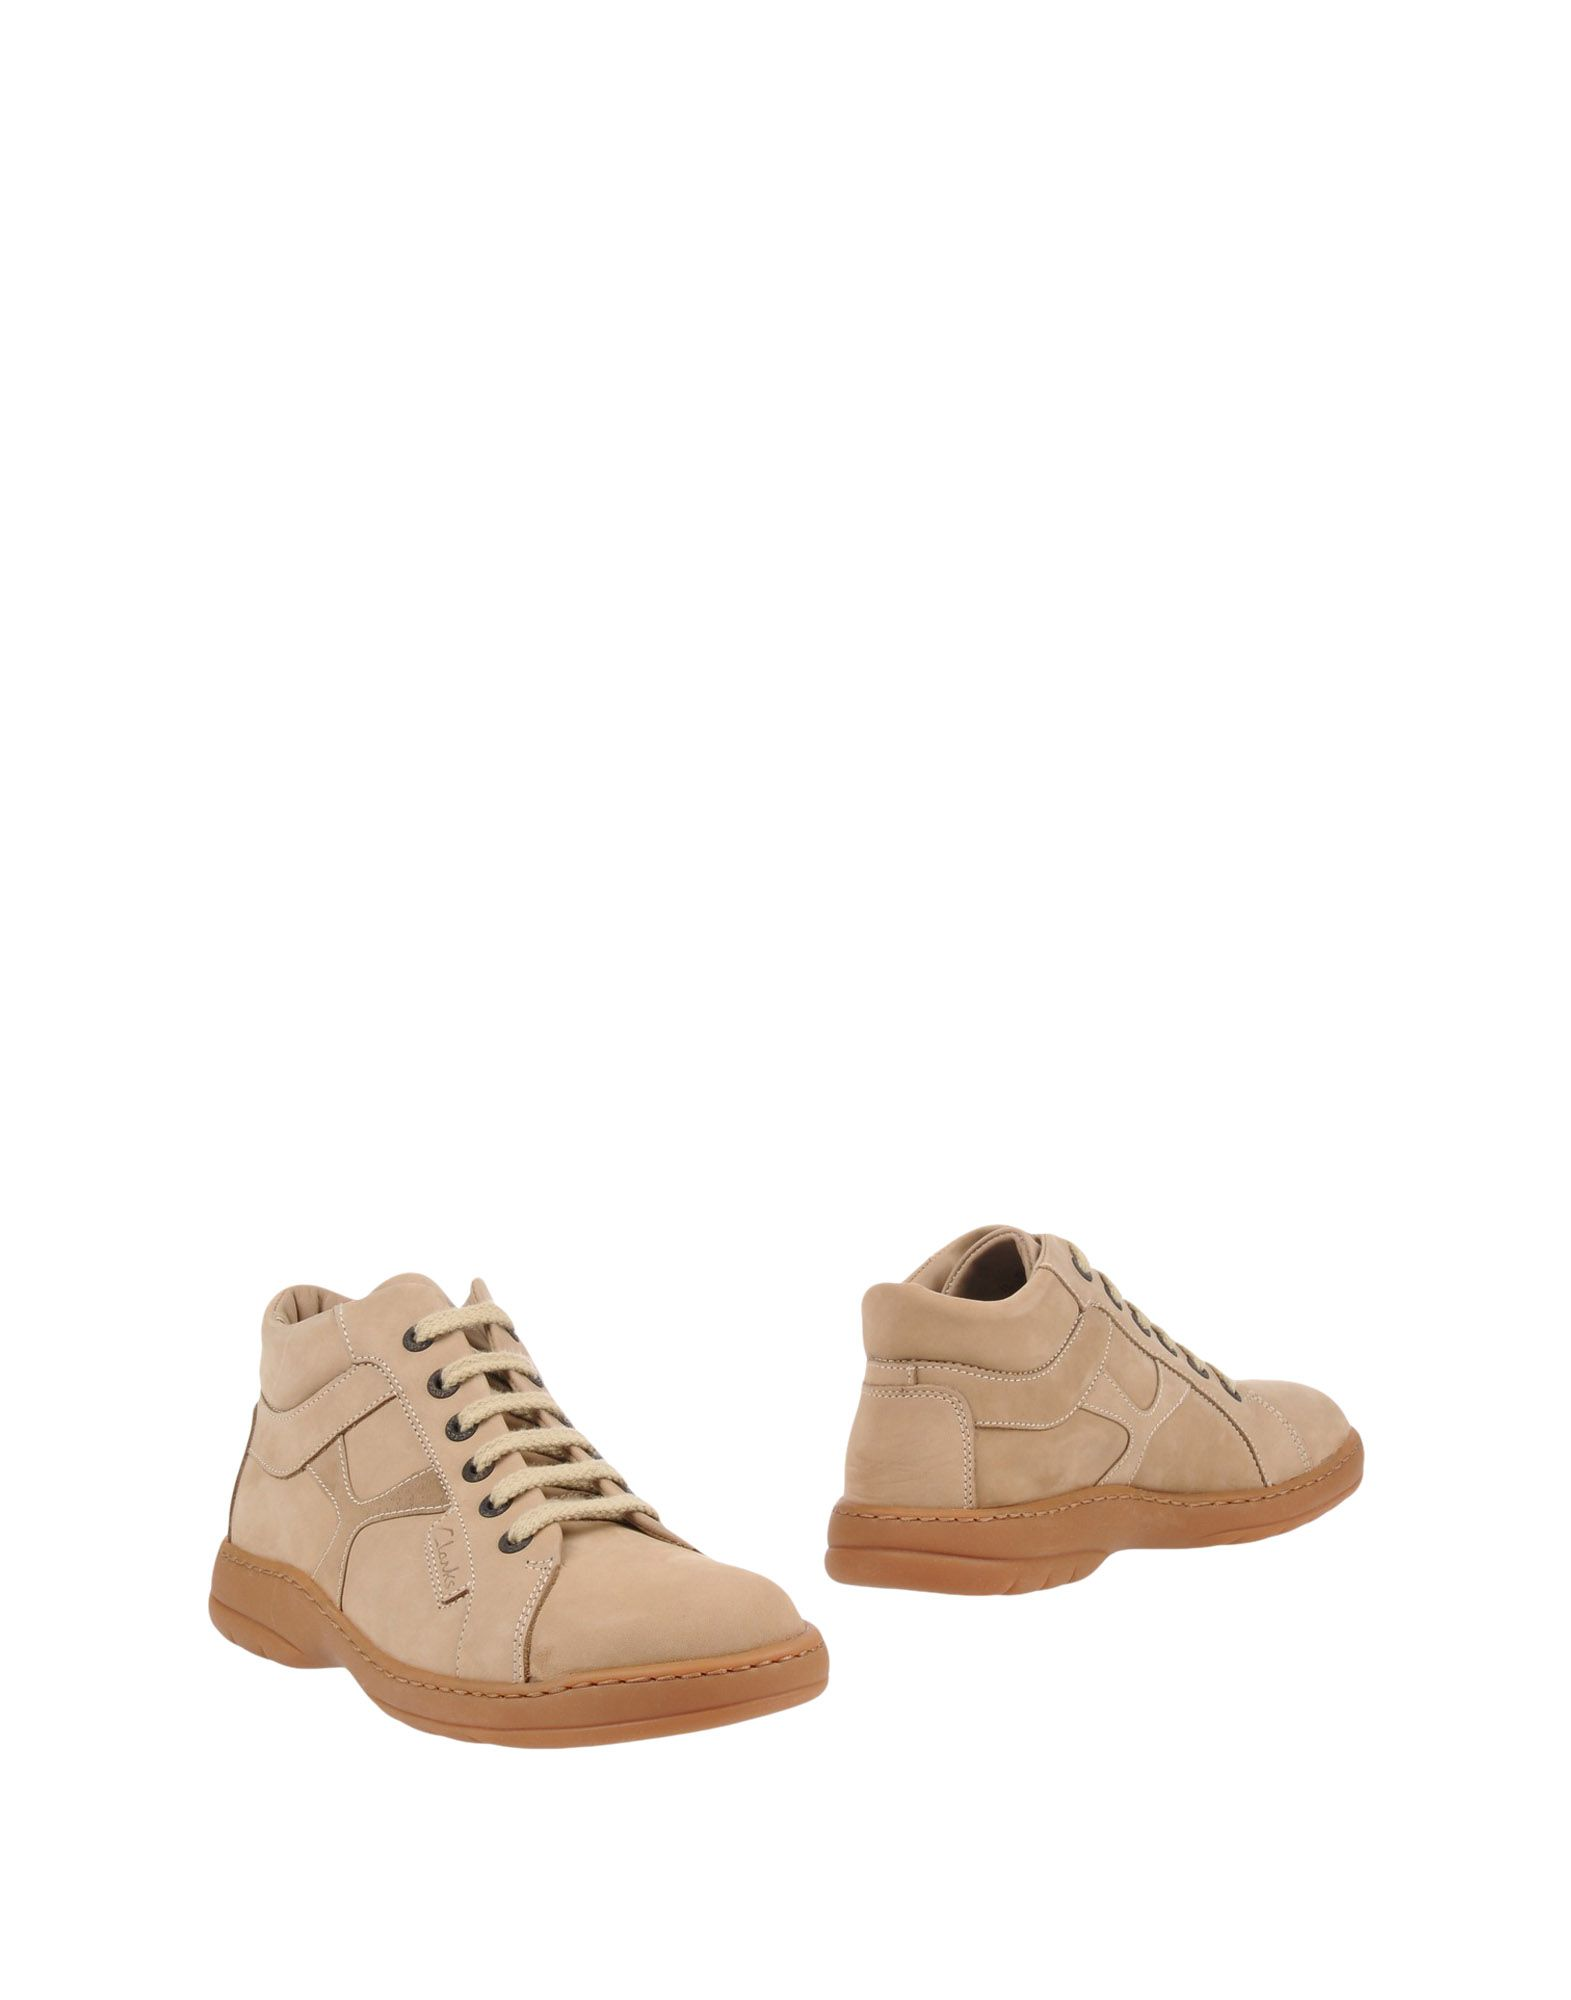 Herren Clarks Stiefelette Herren   11447566VJ Heiße Schuhe f435db